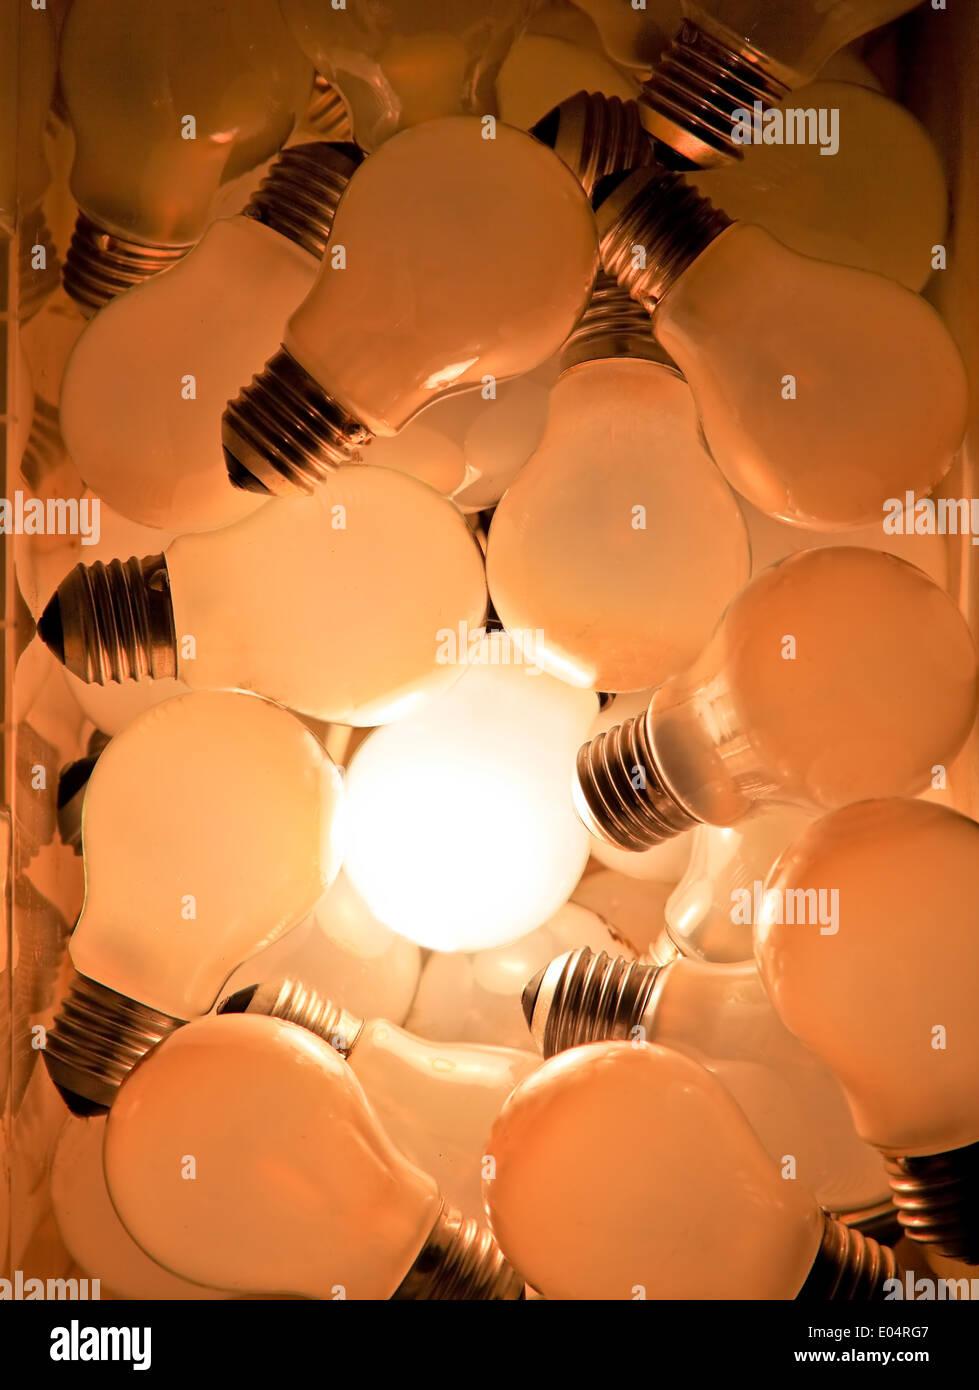 Many light bulbs, one shines, symbol for ideas, Viele Gluehbirnen, eine leuchtet,Symbol fuer Ideen - Stock Image